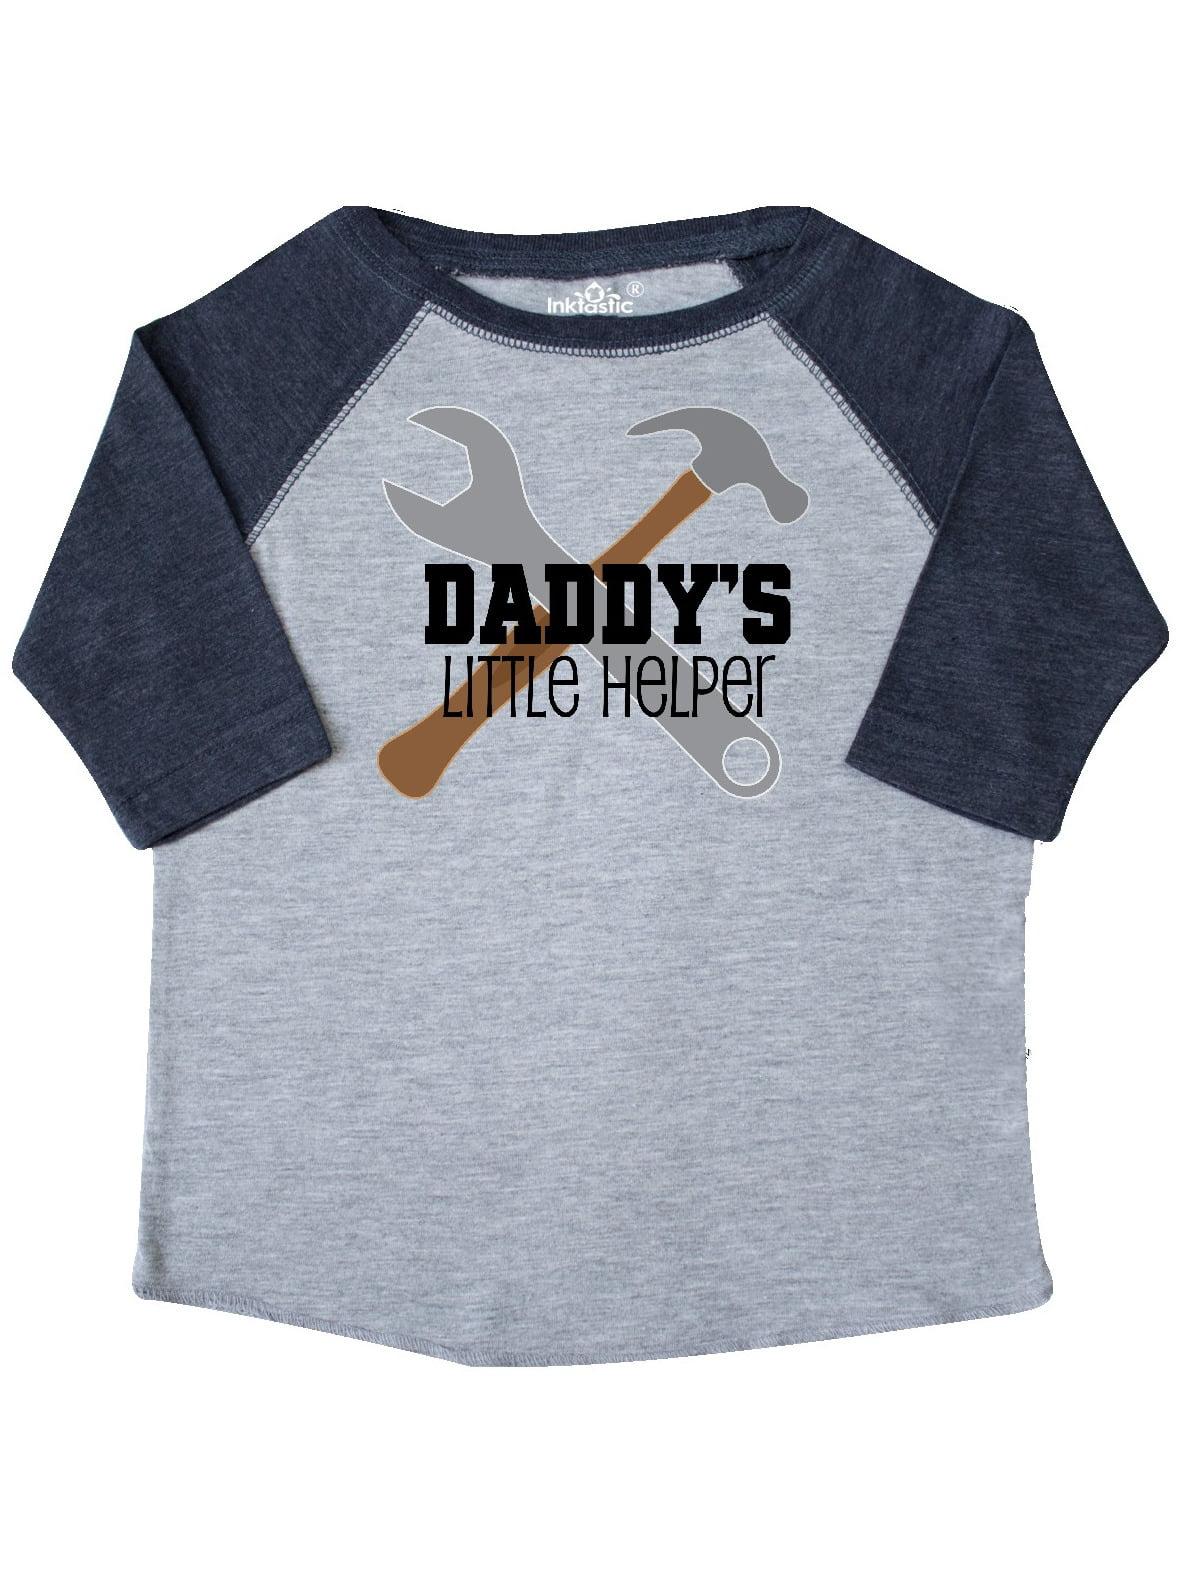 01b43d23c Inktastic - Daddy's Little Helper tool set Toddler T-Shirt - Walmart.com